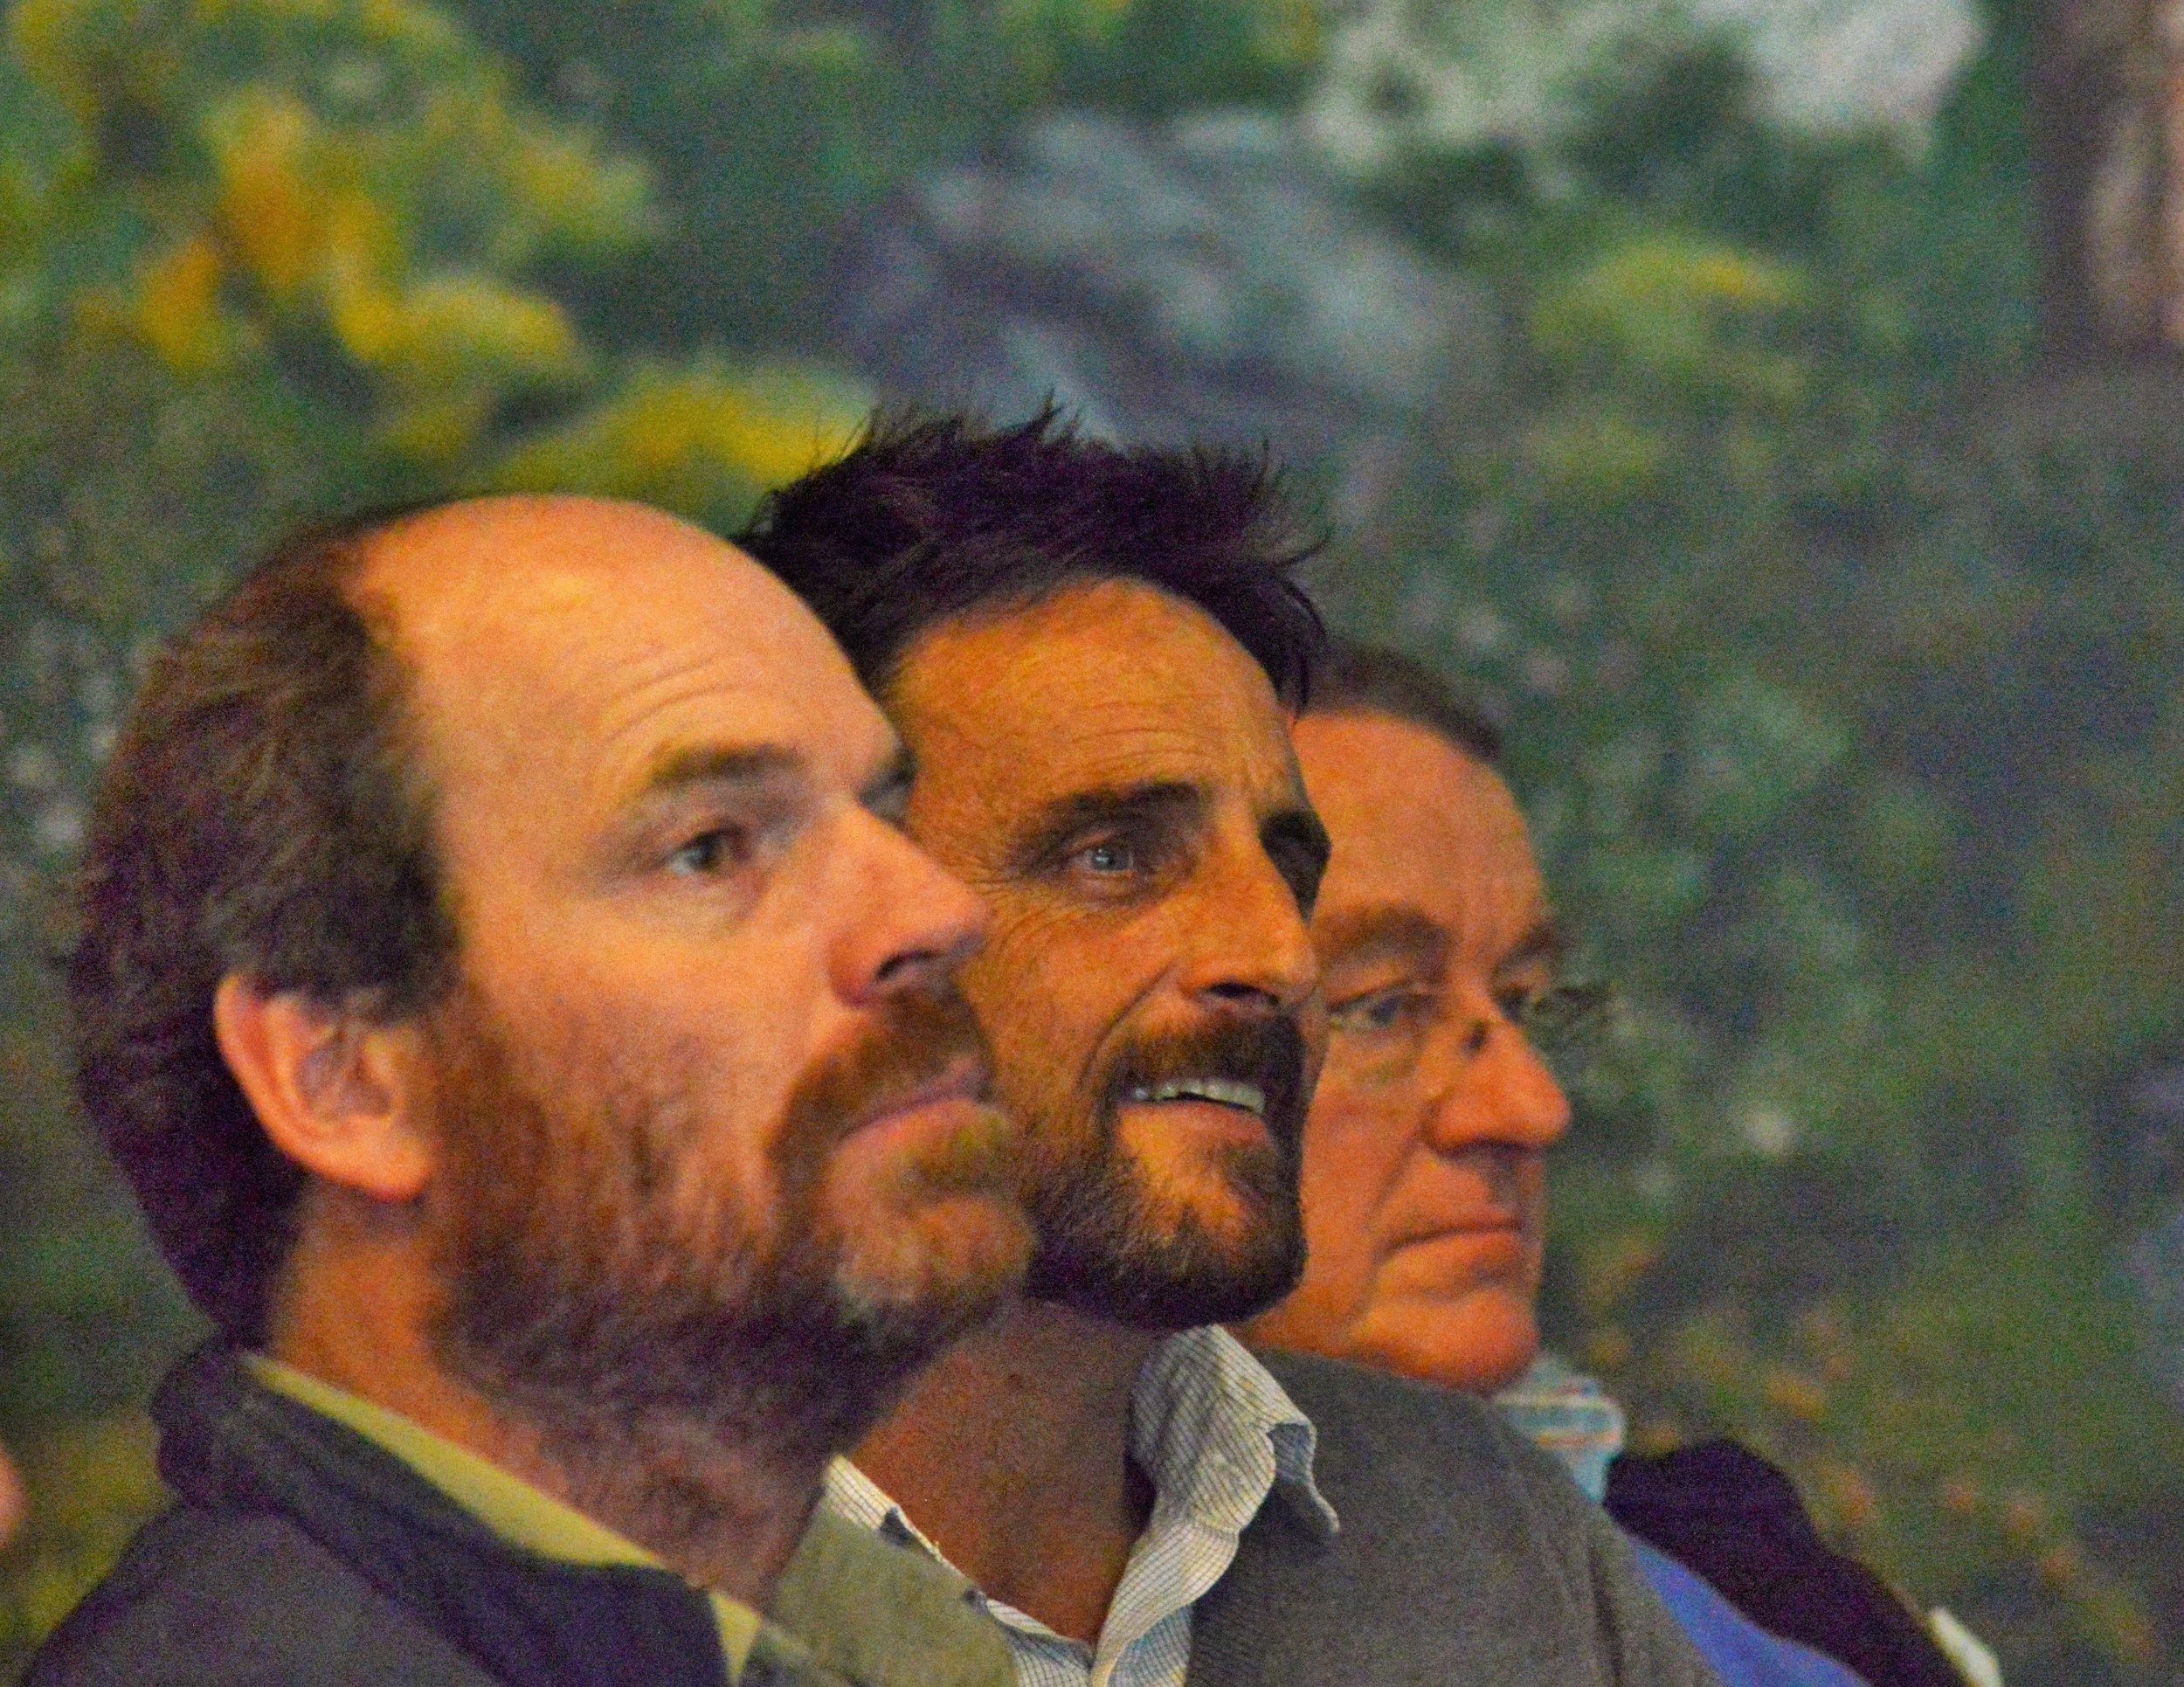 The Trust for Nature contingent - Adam Merrick, Adam Blake and Max Irvin